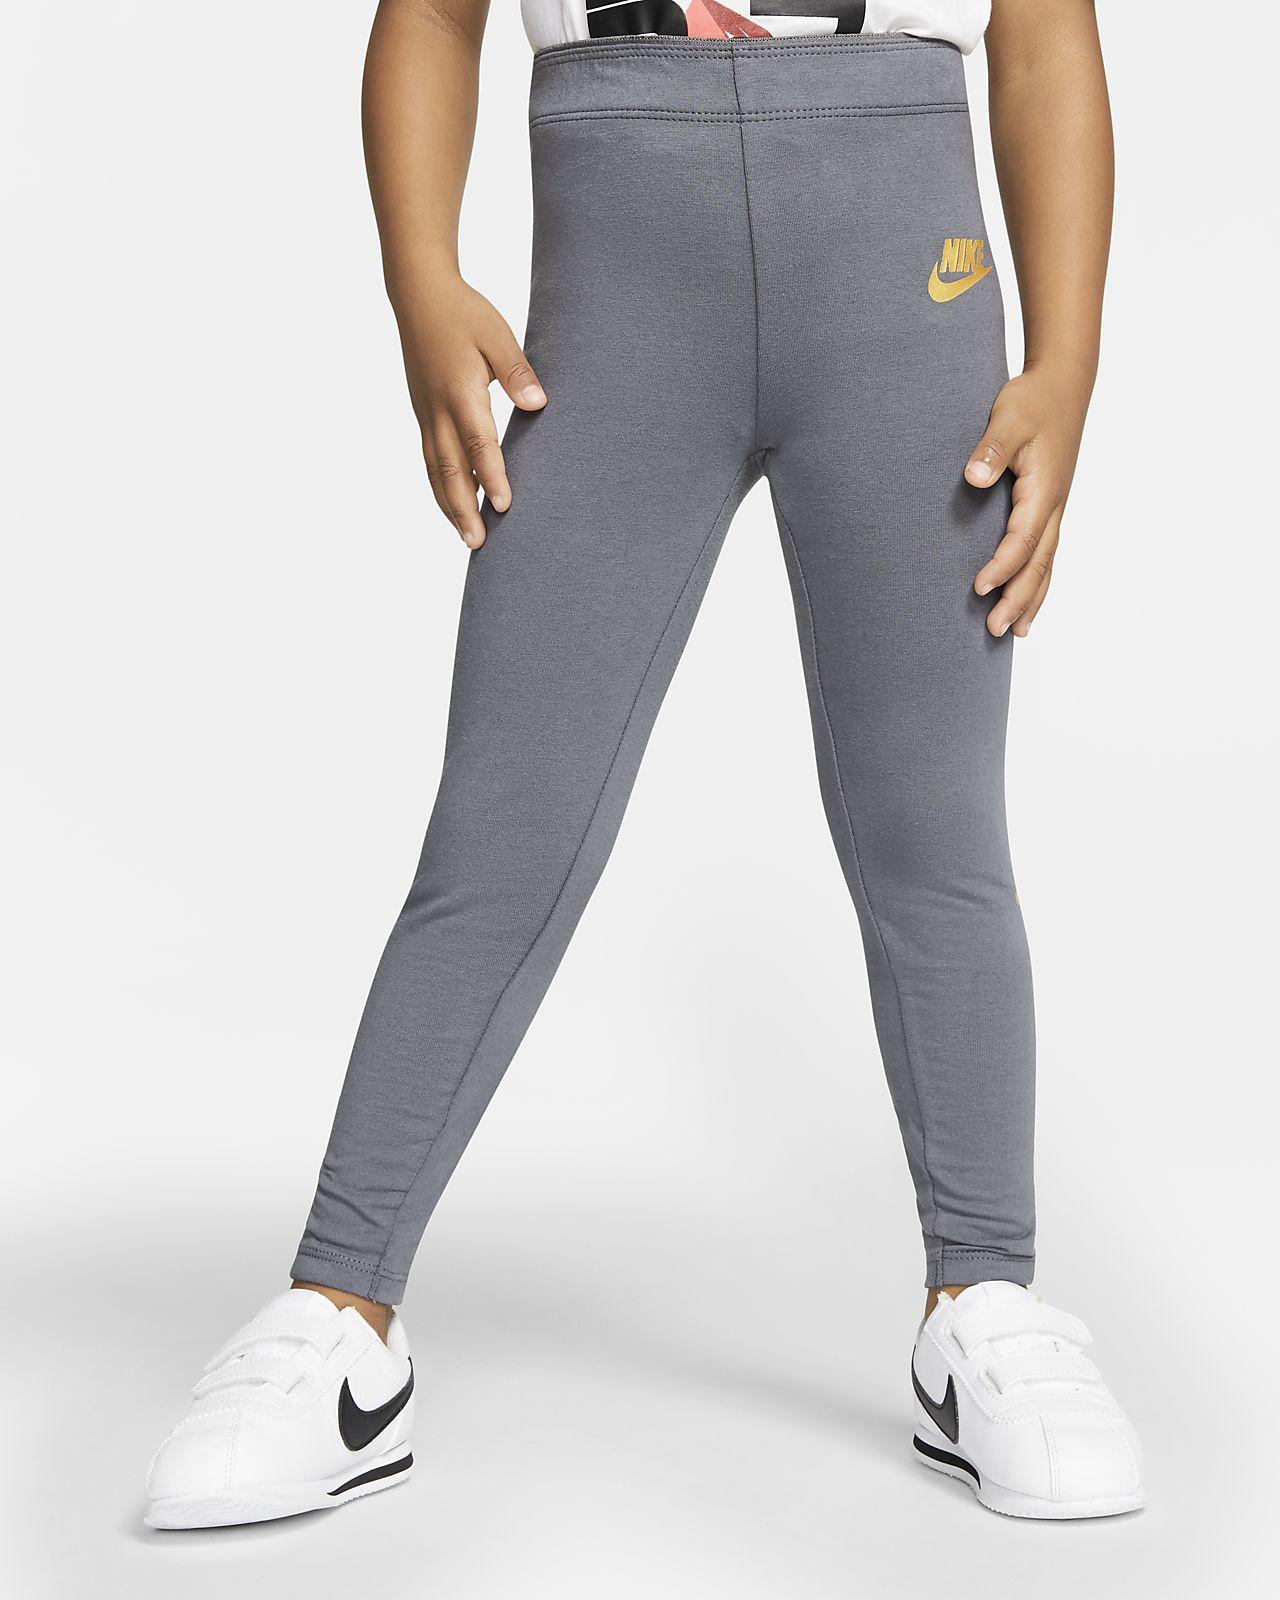 Leggings Nike Air Bambini